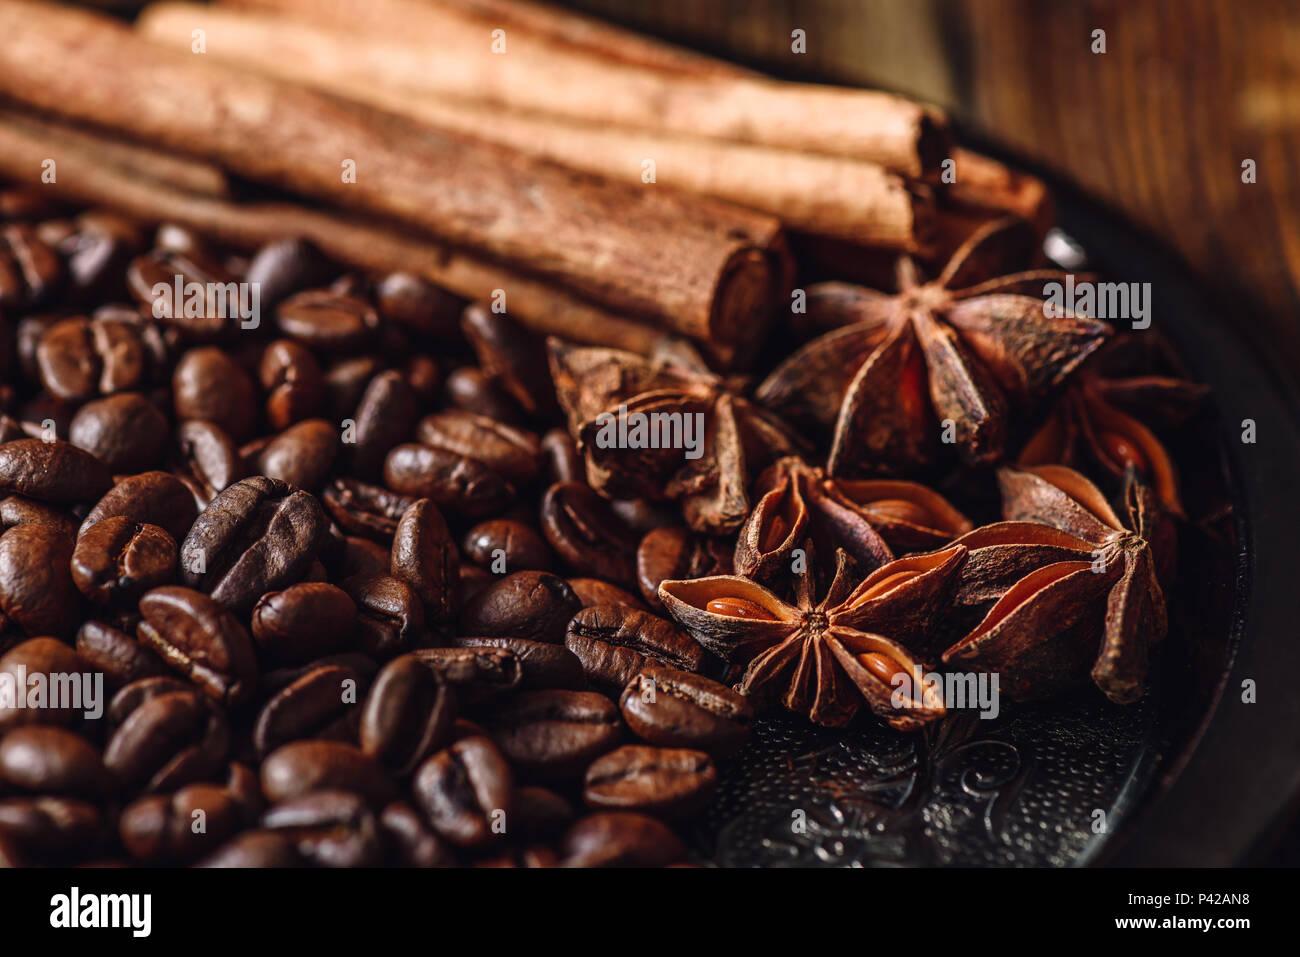 Les grains de café avec des bâtons de cannelle et anis étoilé sur plaque métallique. Photo Stock